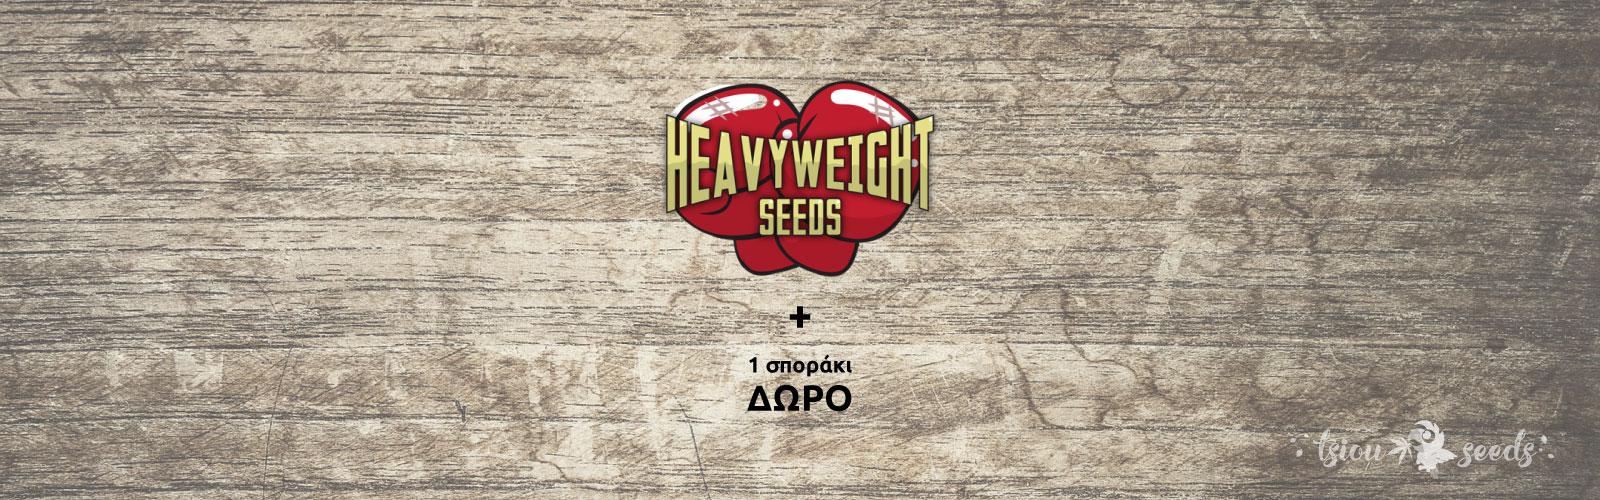 Προσφορά σε σπόρους Heavyweight Seeds +1